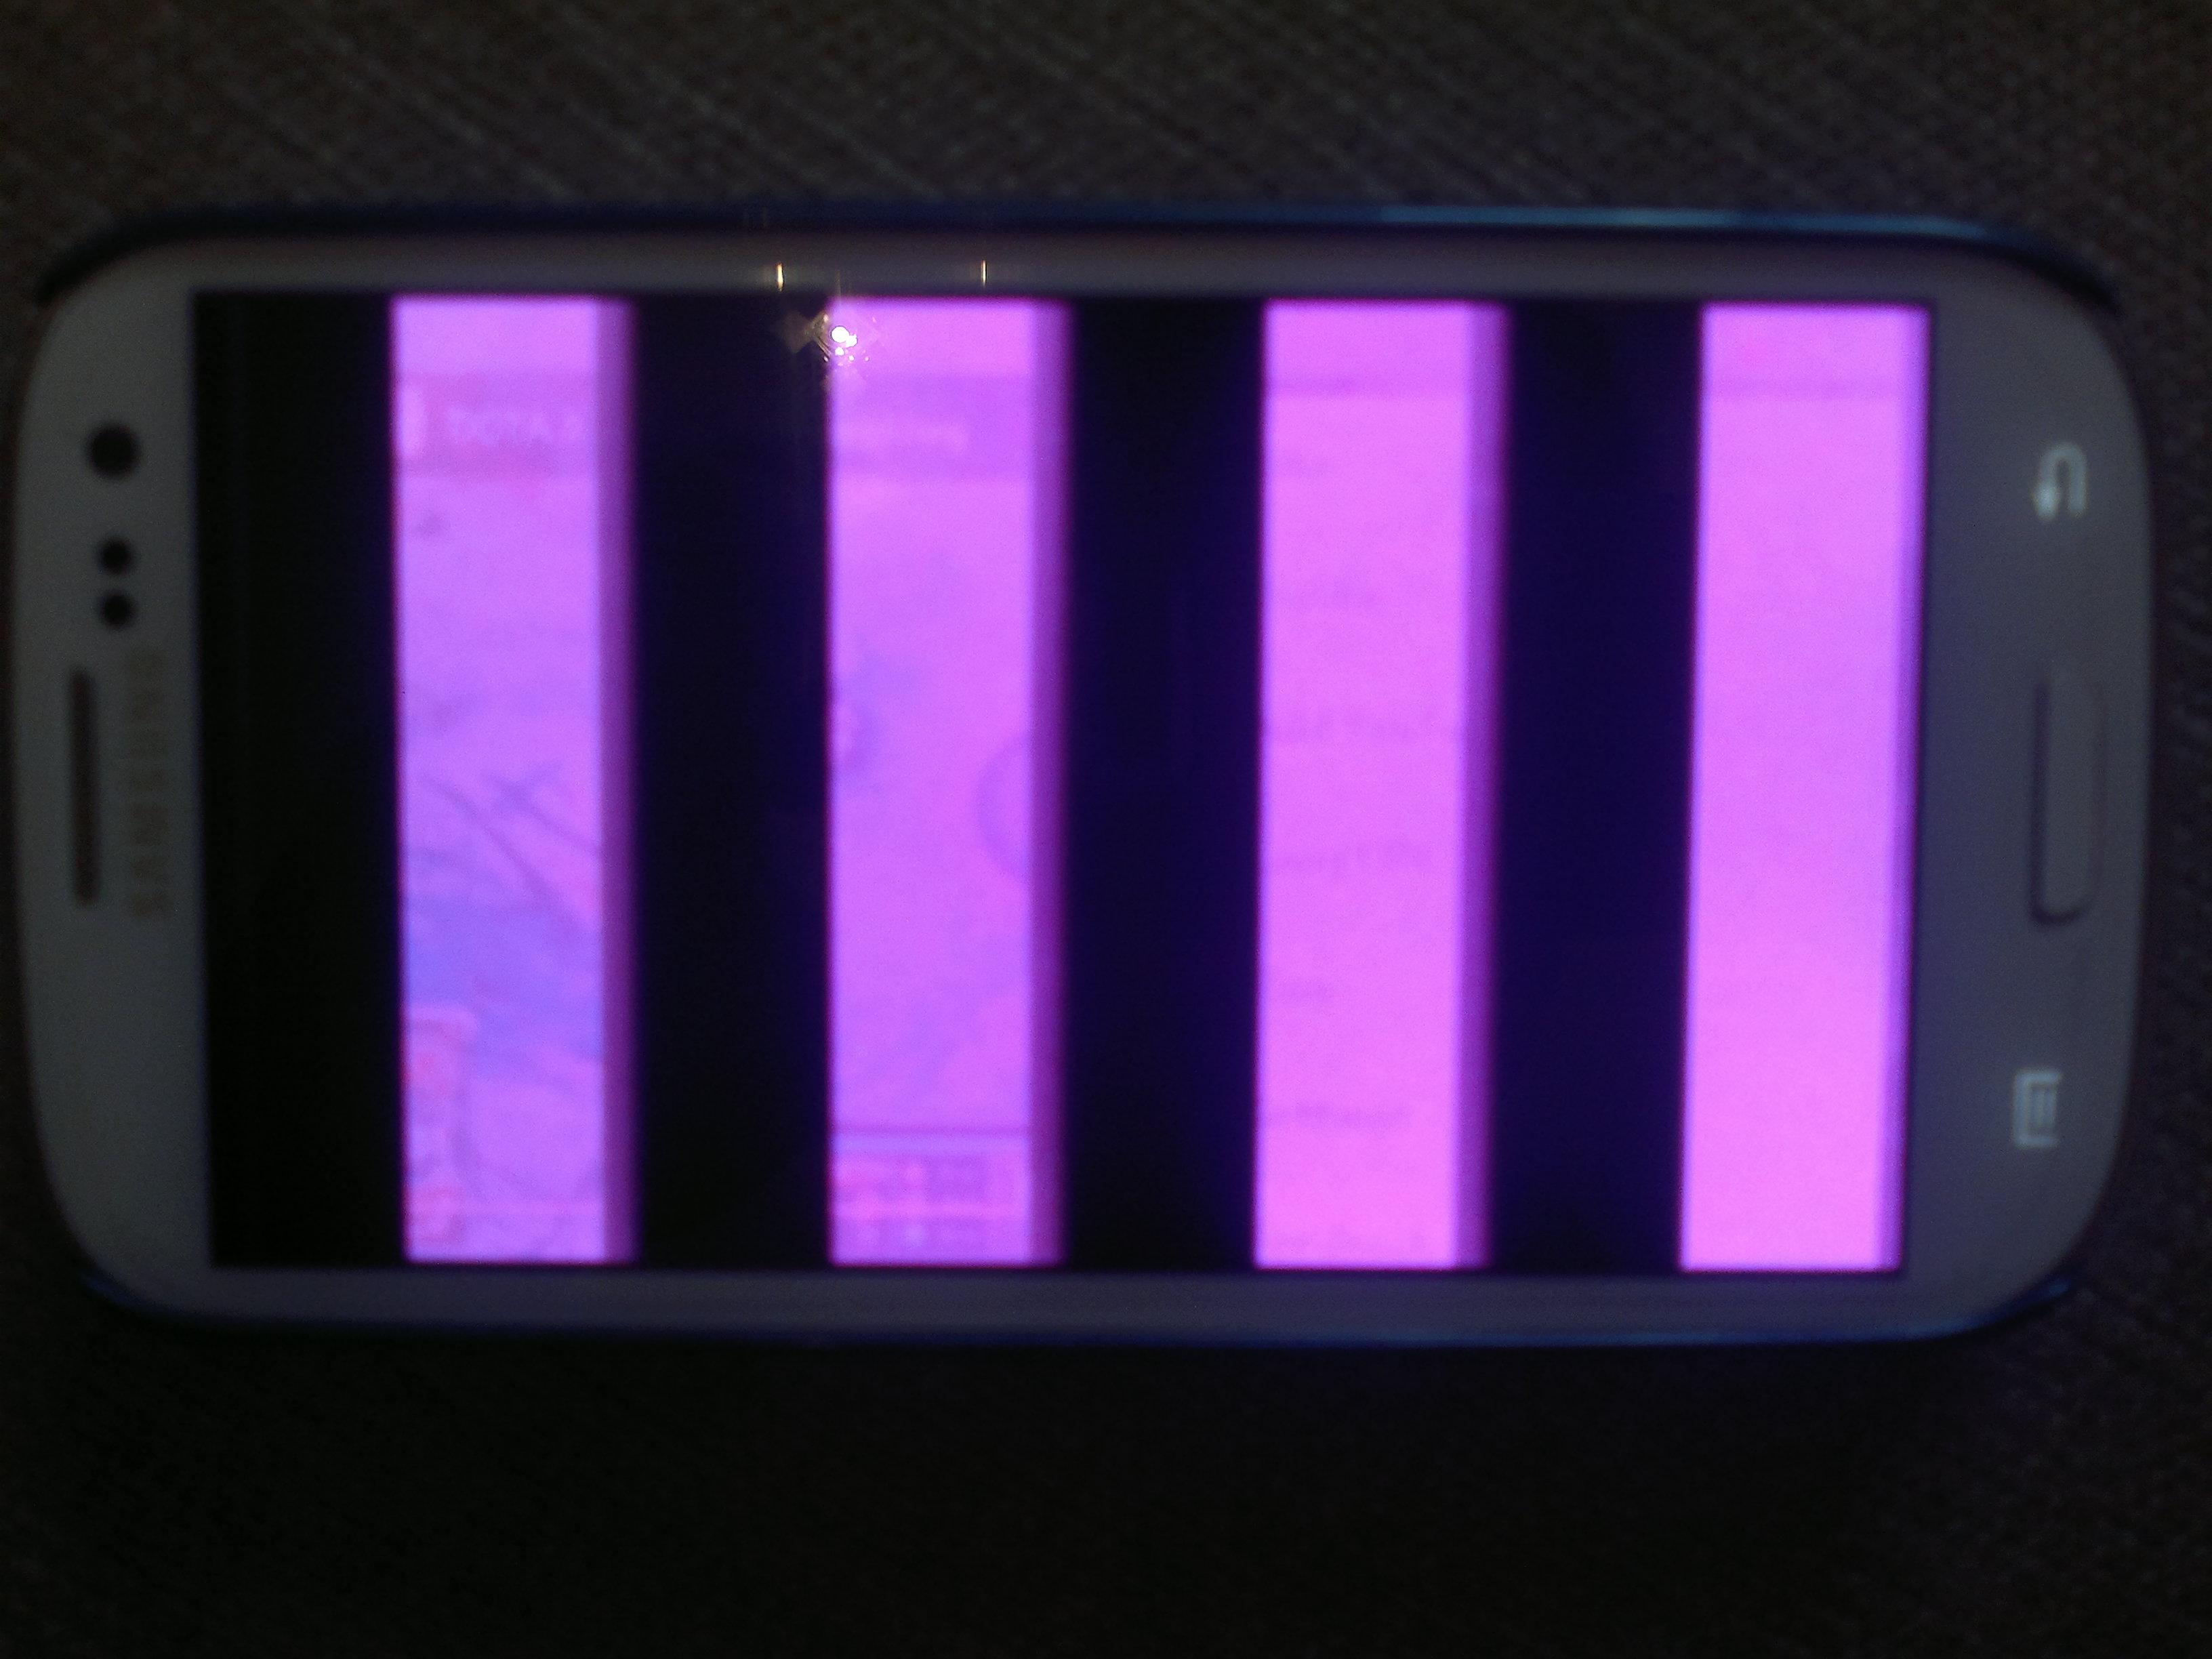 Màn hình LCD bị hư hỏng bạn nên thay màn hình điện thoại Samsung